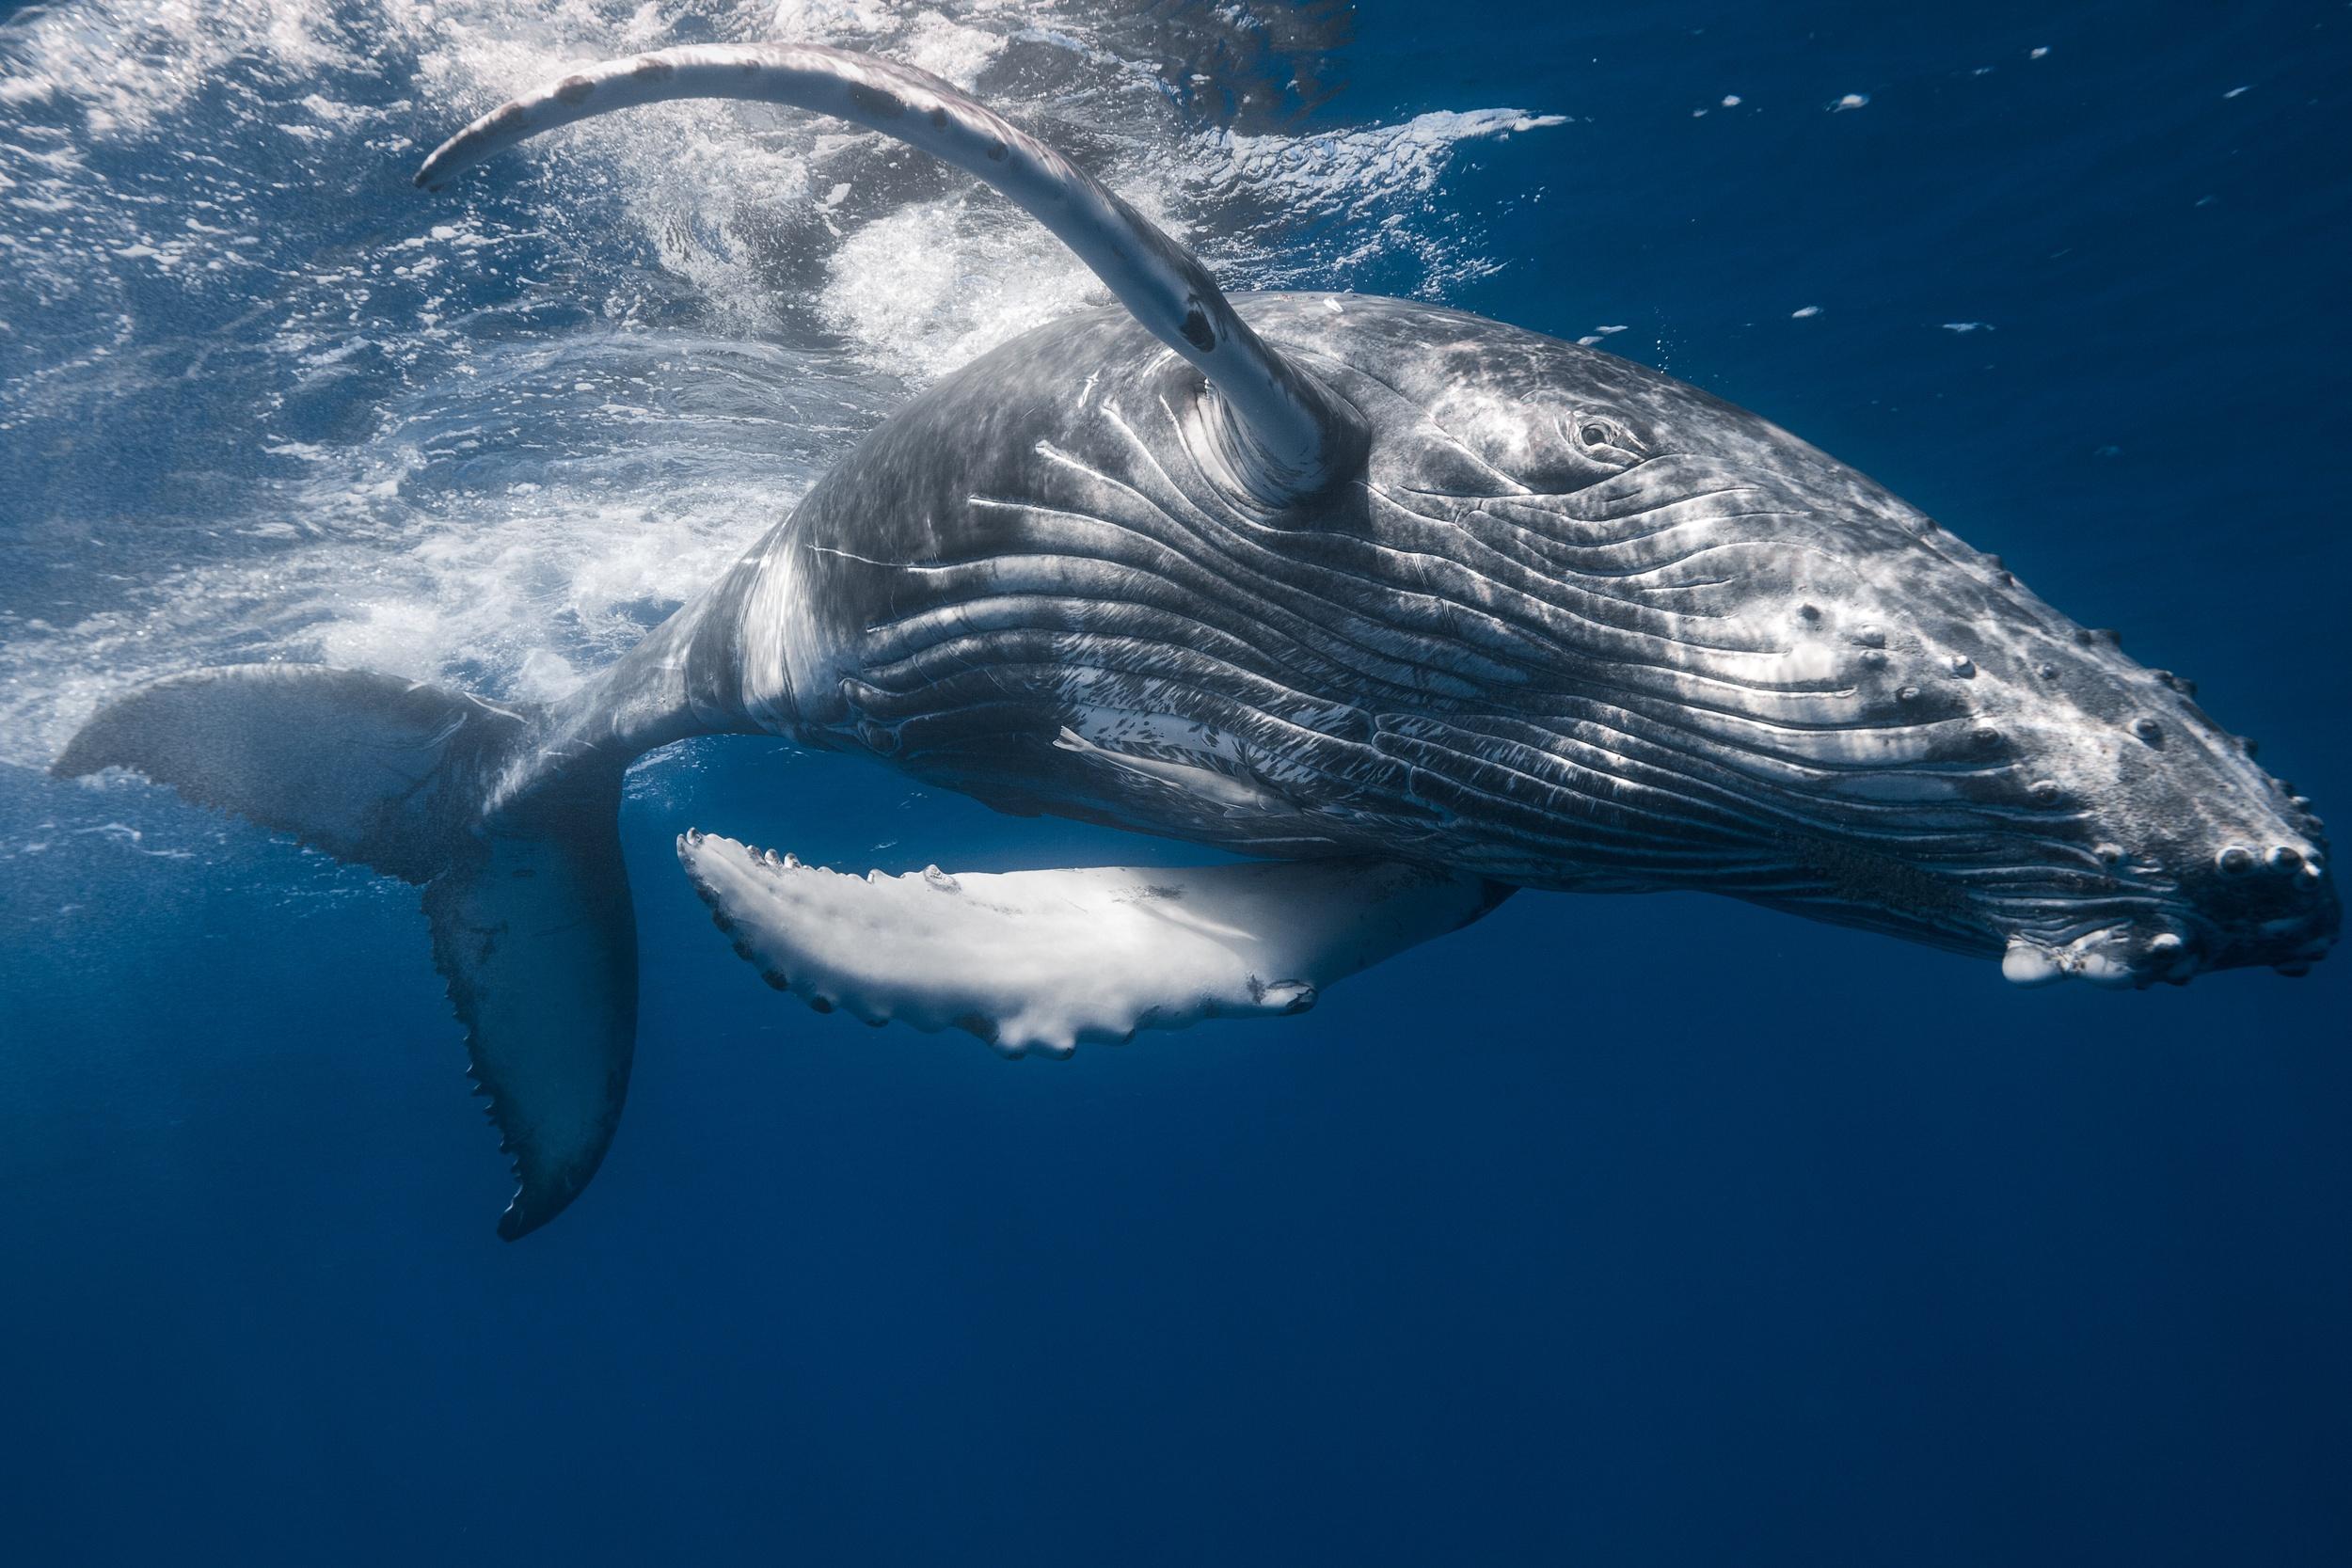 самое большое животное в океане фото играет роли